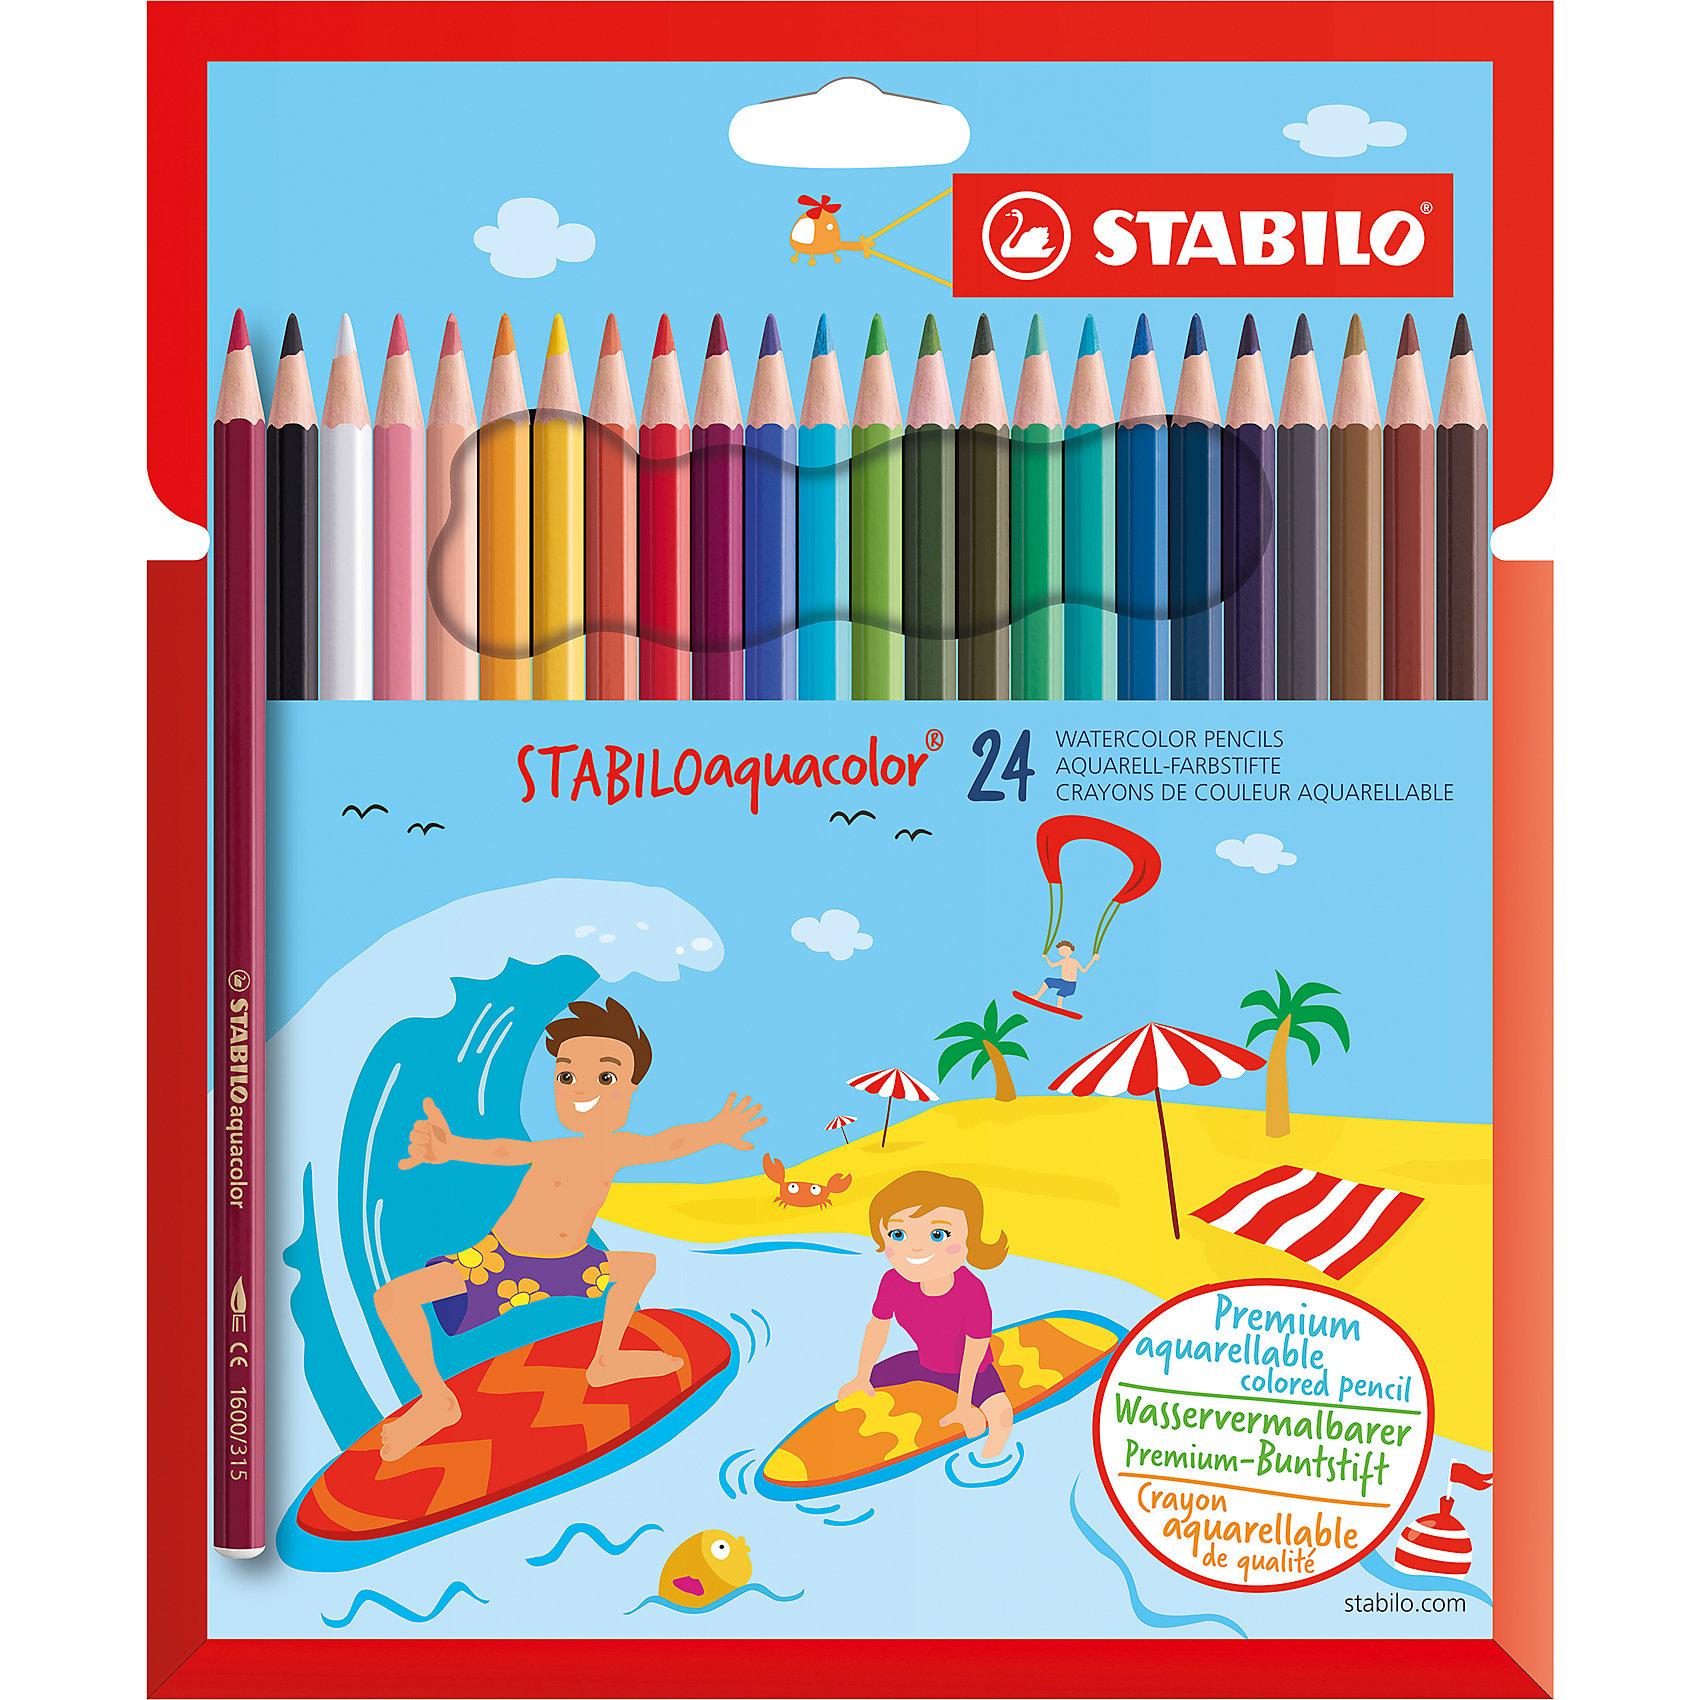 Карандаши цветные 24цв AQUACOLORПисьменные принадлежности<br>Характеристики:<br><br>• возраст: от 3 лет<br>• в наборе: 24 цветных карандаша<br>• материал корпуса: древесина<br>• упаковка: картонный футляр<br>• размер упаковки: 21х17х0,8 см.<br><br>Акварельные цветные карандаши STABILO Aquacolor предназначены для создания рисунков с эффектом акварельных красок. Карандаши не ломаются при рисовании и затачивании. Насыщенные цвета имеют высокую светостойкость. Цвета отлично смешиваются и позволяют создать огромное количество оттенков.<br><br>Карандаши цветные 24цв AQUACOLOR можно купить в нашем интернет-магазине.<br><br>Ширина мм: 8<br>Глубина мм: 210<br>Высота мм: 170<br>Вес г: 120<br>Возраст от месяцев: 36<br>Возраст до месяцев: 2147483647<br>Пол: Унисекс<br>Возраст: Детский<br>SKU: 6873782